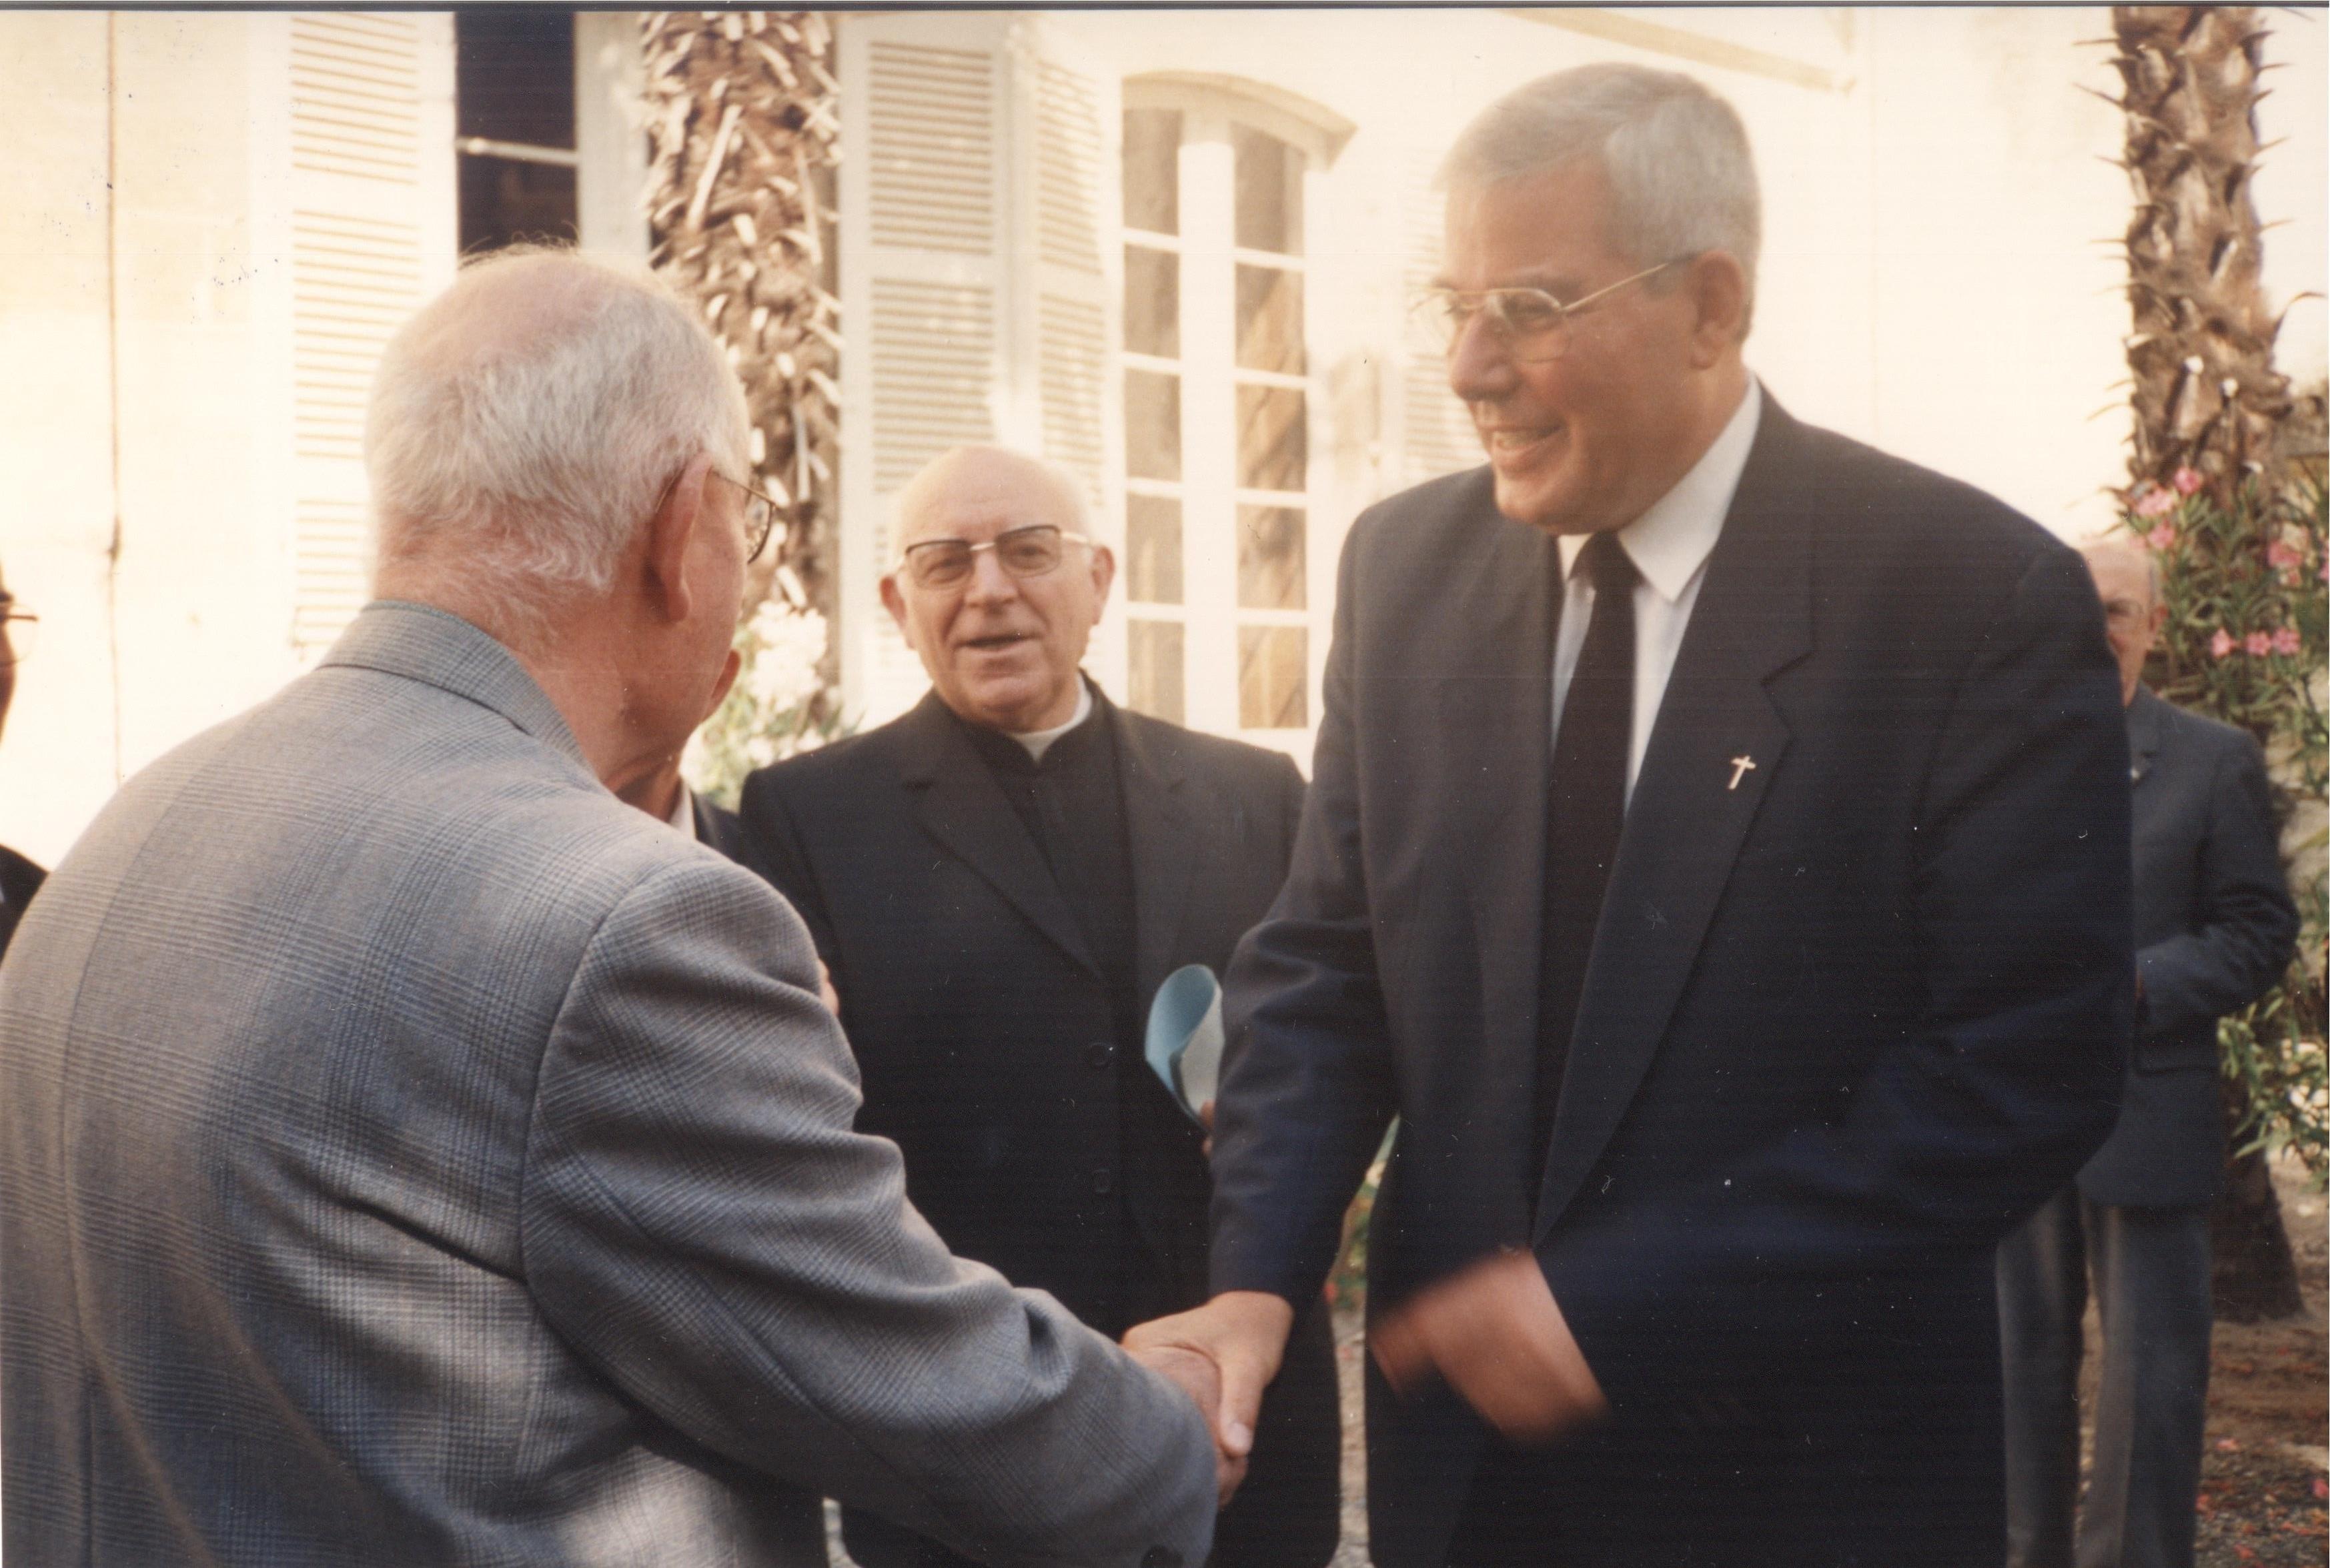 31 août 1990, Mgr Garnier nommé coadjuteur arrive à Luçon.  Crédit : Association diocésaine de Luçon